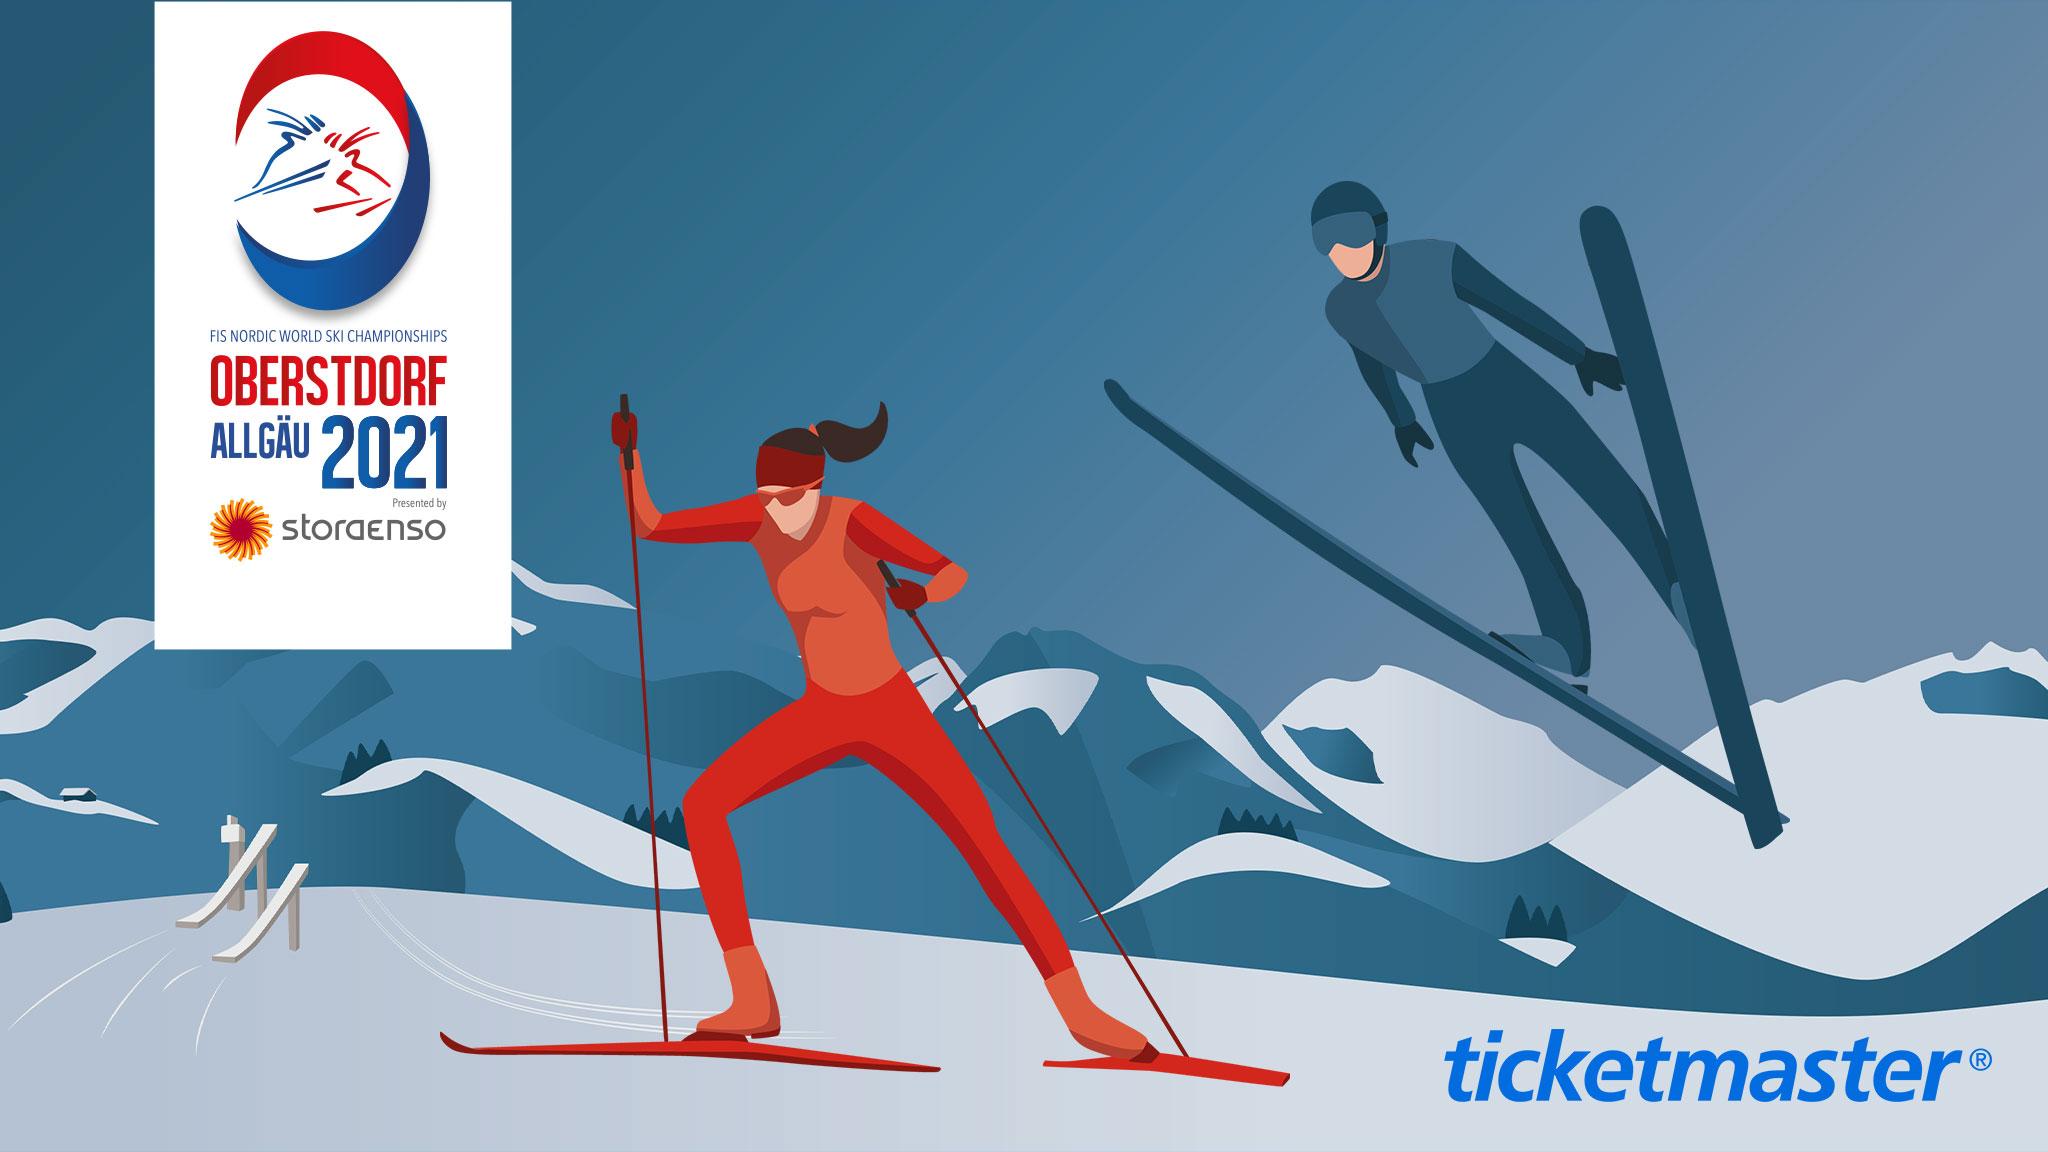 fis nordische ski wm 2021 oberstdorf